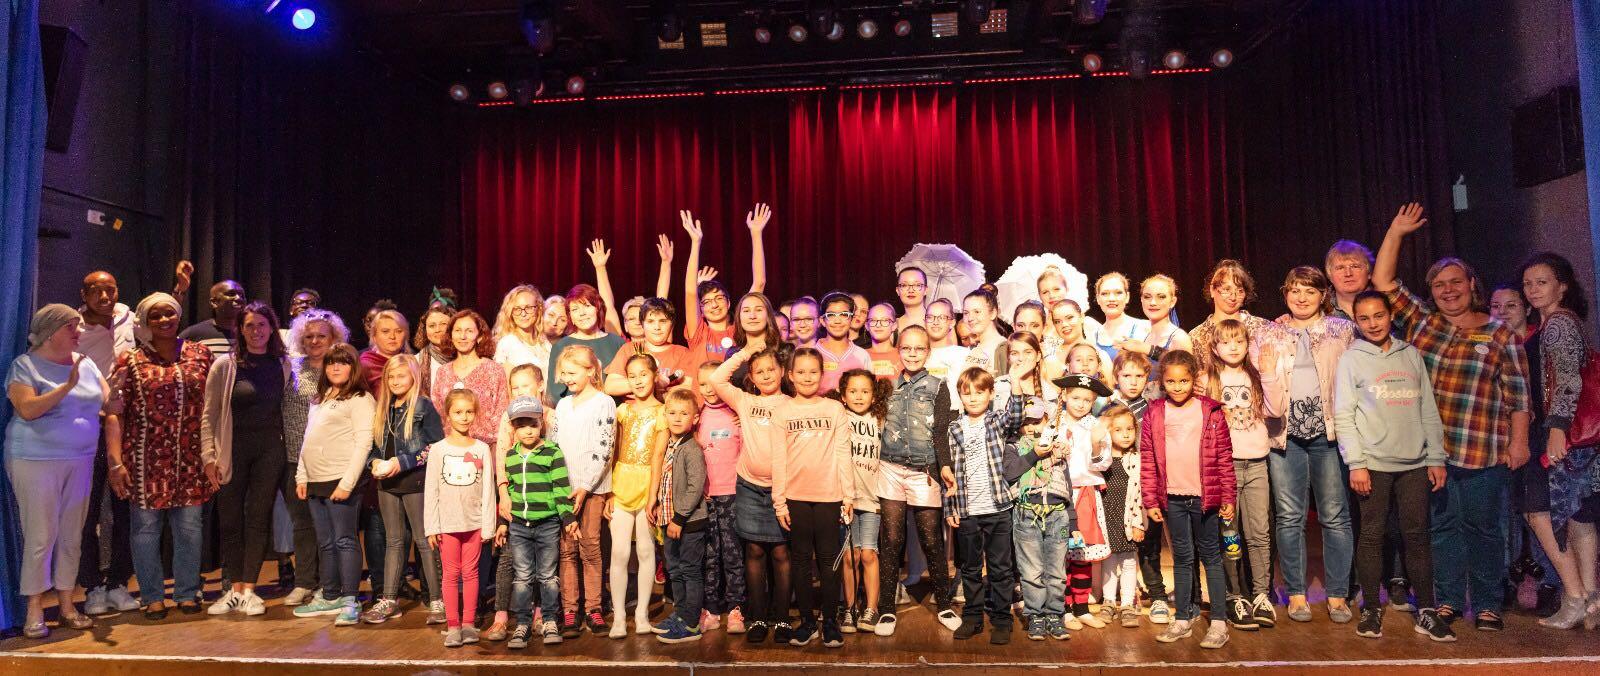 jugendkulturfestival 13.10.18 landshut